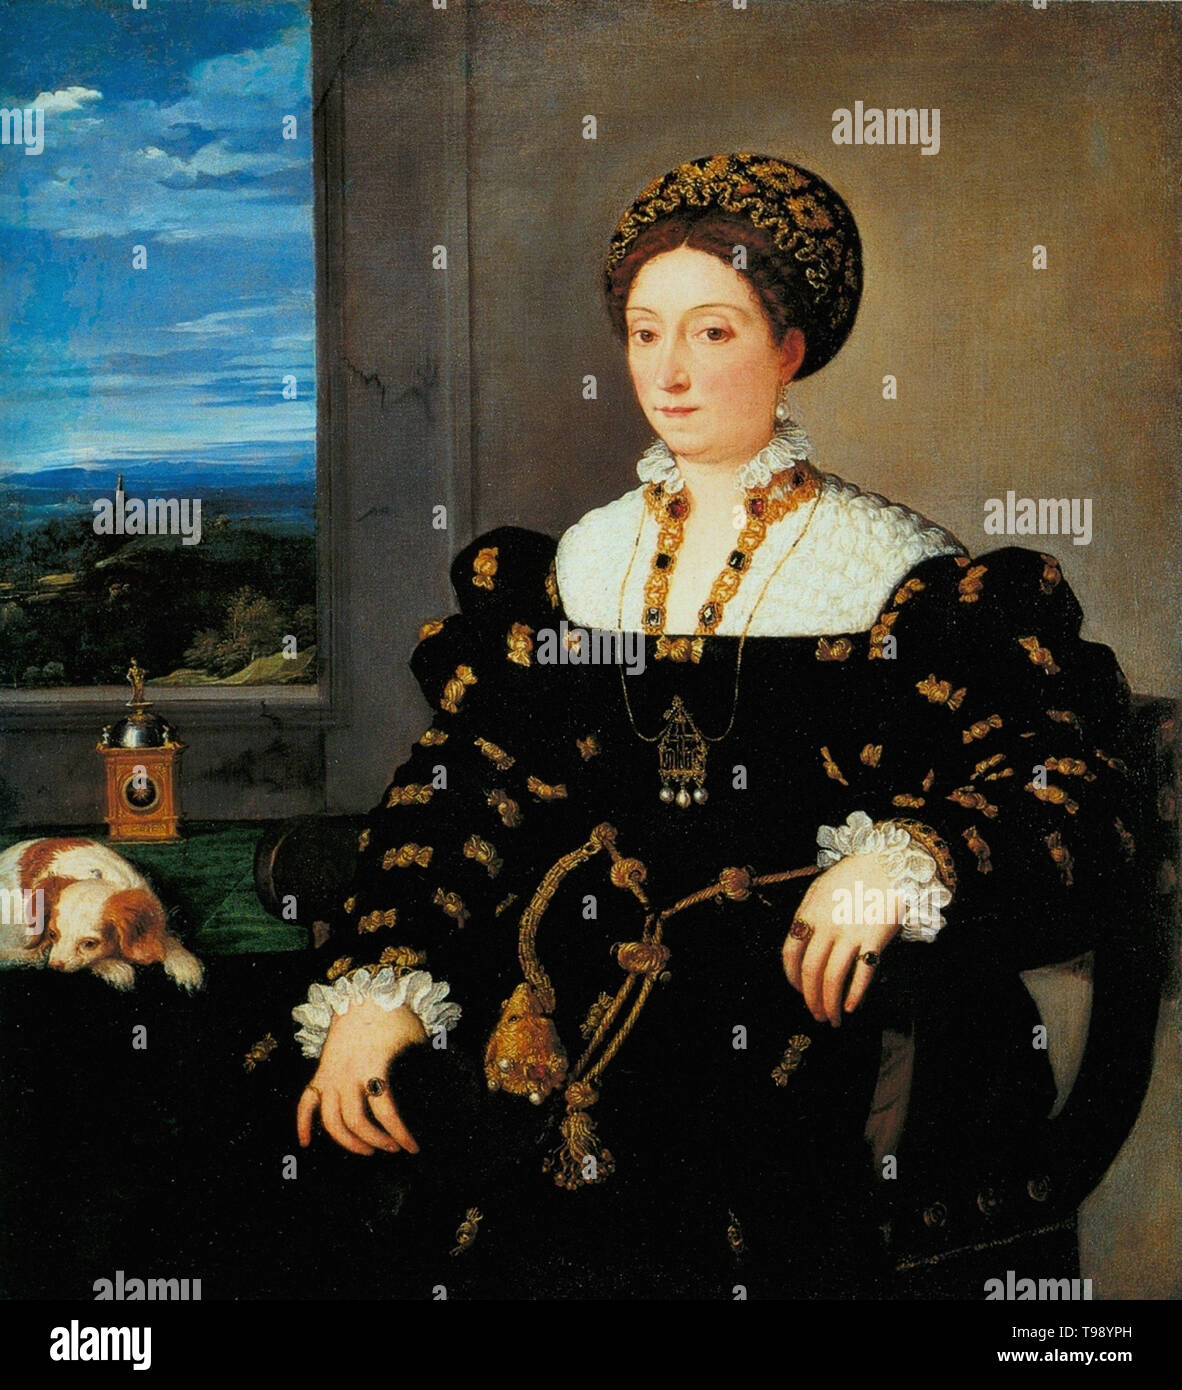 Tiziano Vecelli, Tiziano - Retrato Eleonor Gonzag 1538 Foto de stock